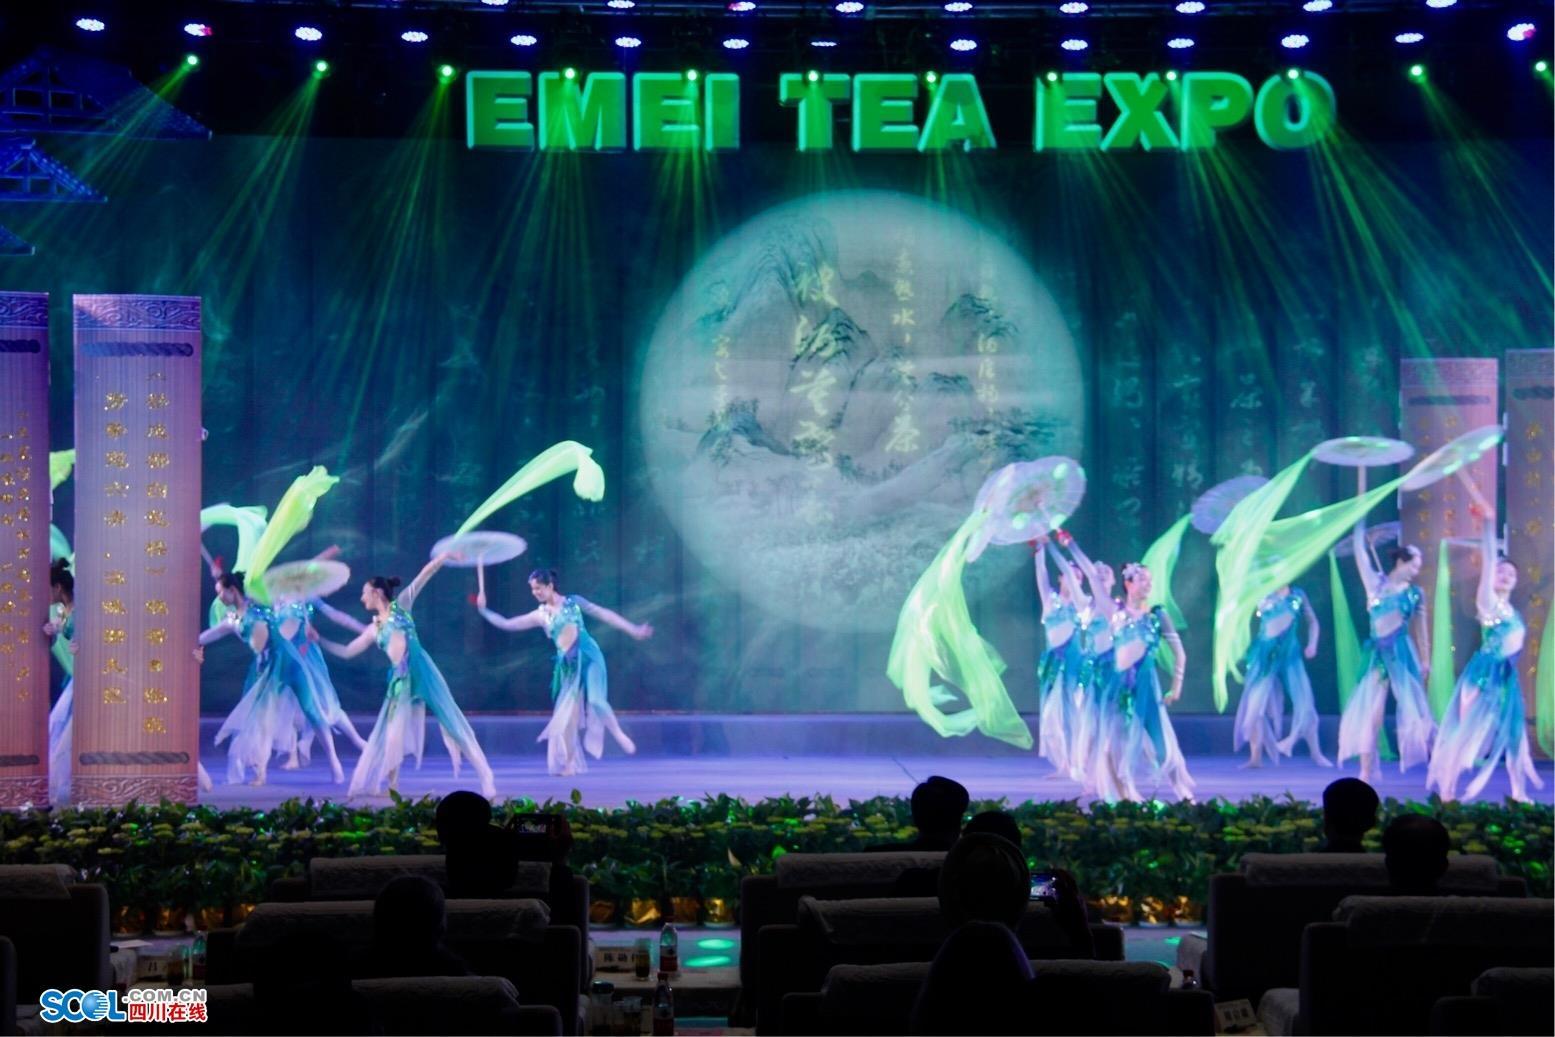 【峨眉山茶博会】名茶汇聚峨眉山 第四届茶博会今日启幕